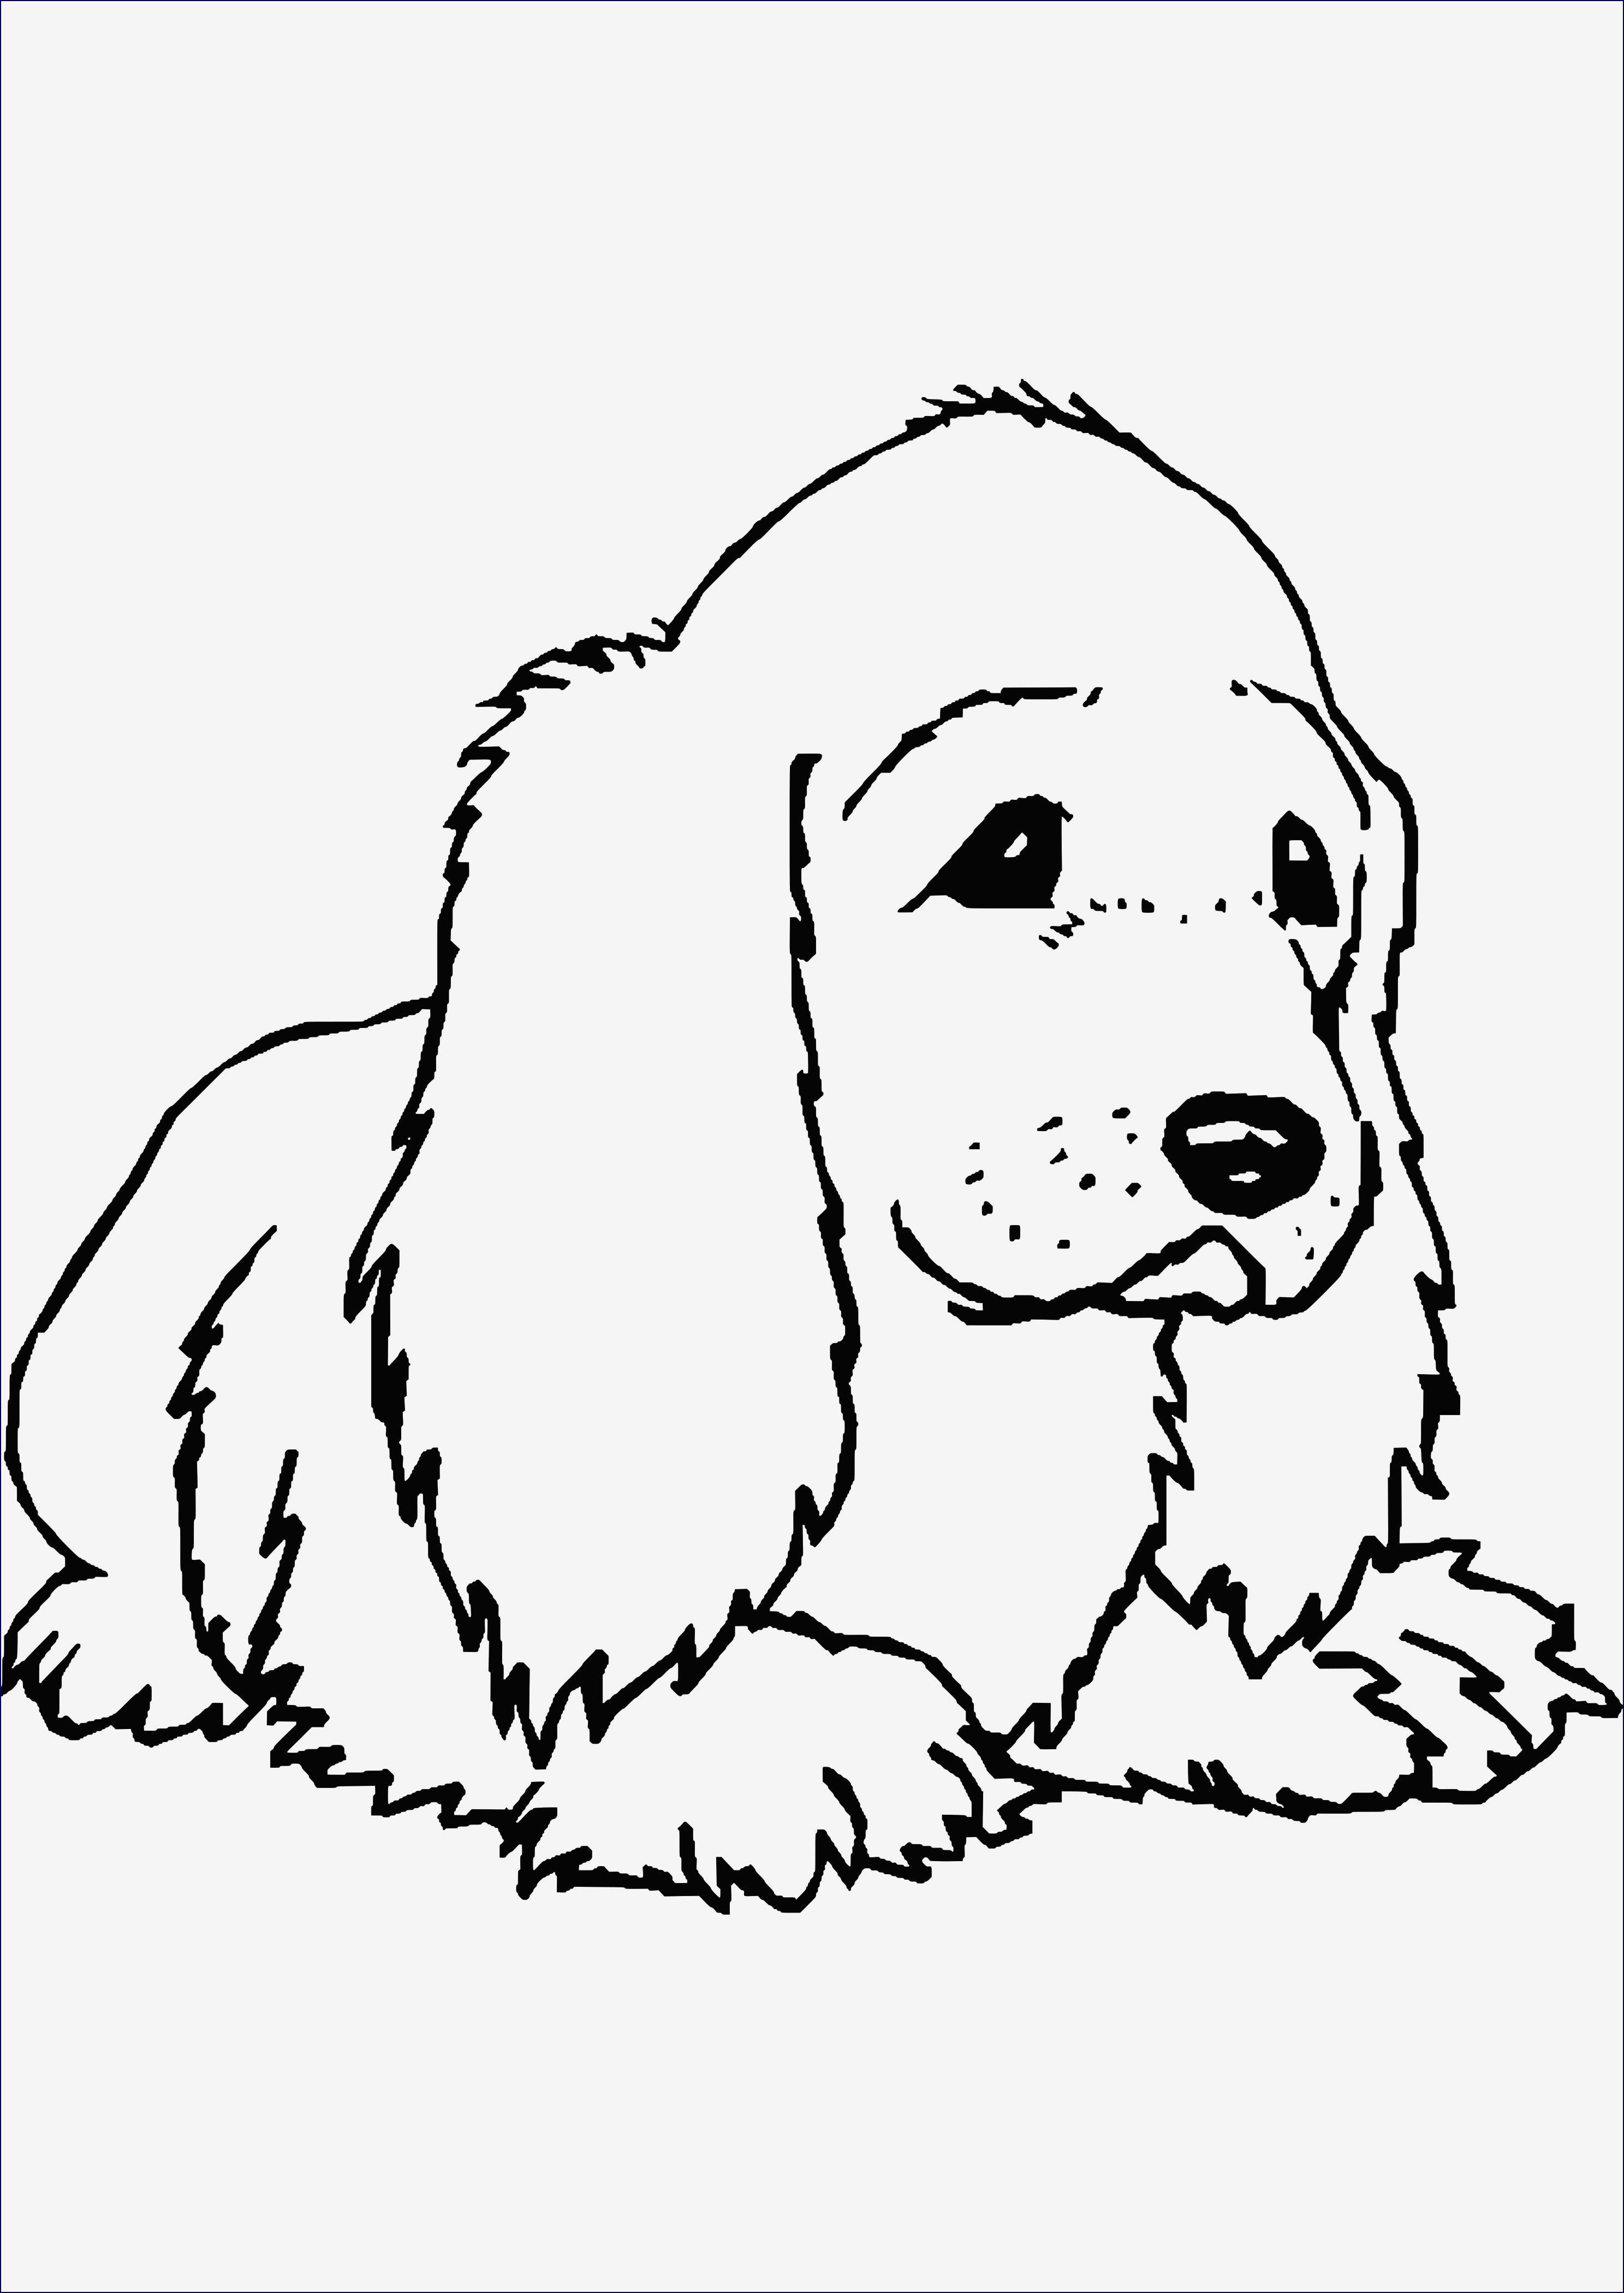 Ausmalbilder Hunde Baby Inspirierend Beispielbilder Färben Ausmalbild Hund Einfach Bild